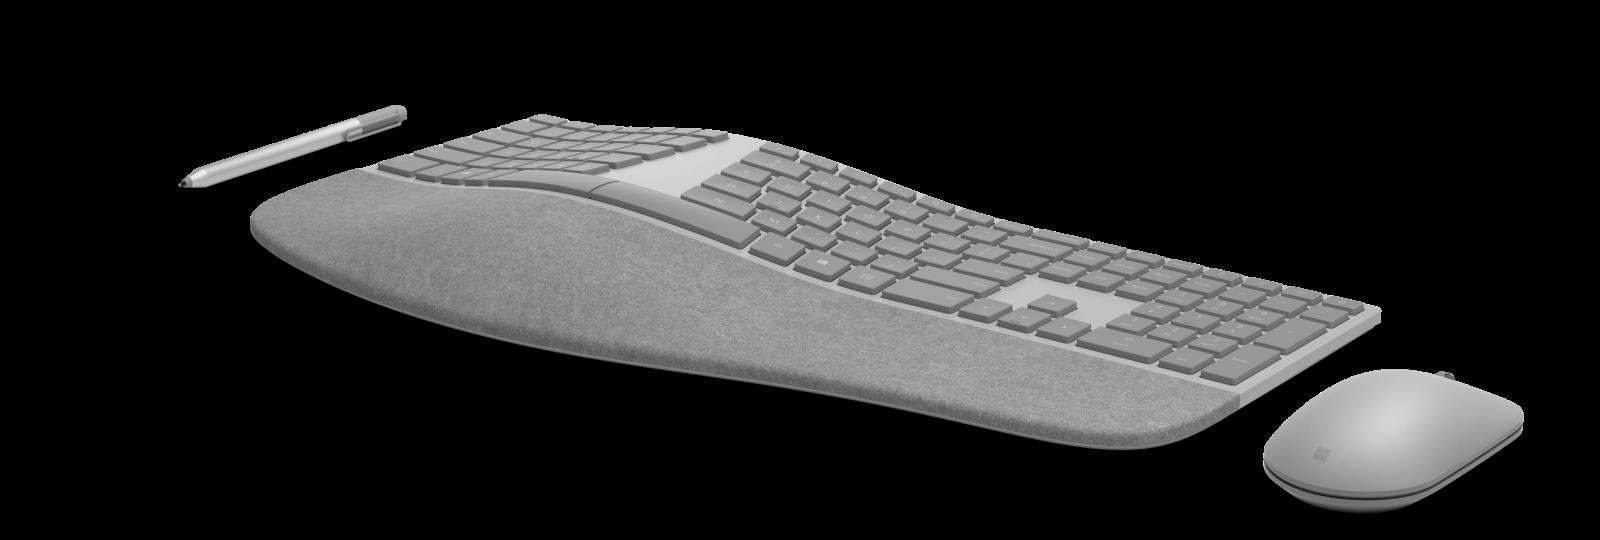 Det står Surface på all maskinvara. Här är, från vänster till höger, Surface Pen, Surface Ergonomic Keyboard och Surface Mouse. Foto: Microsoft